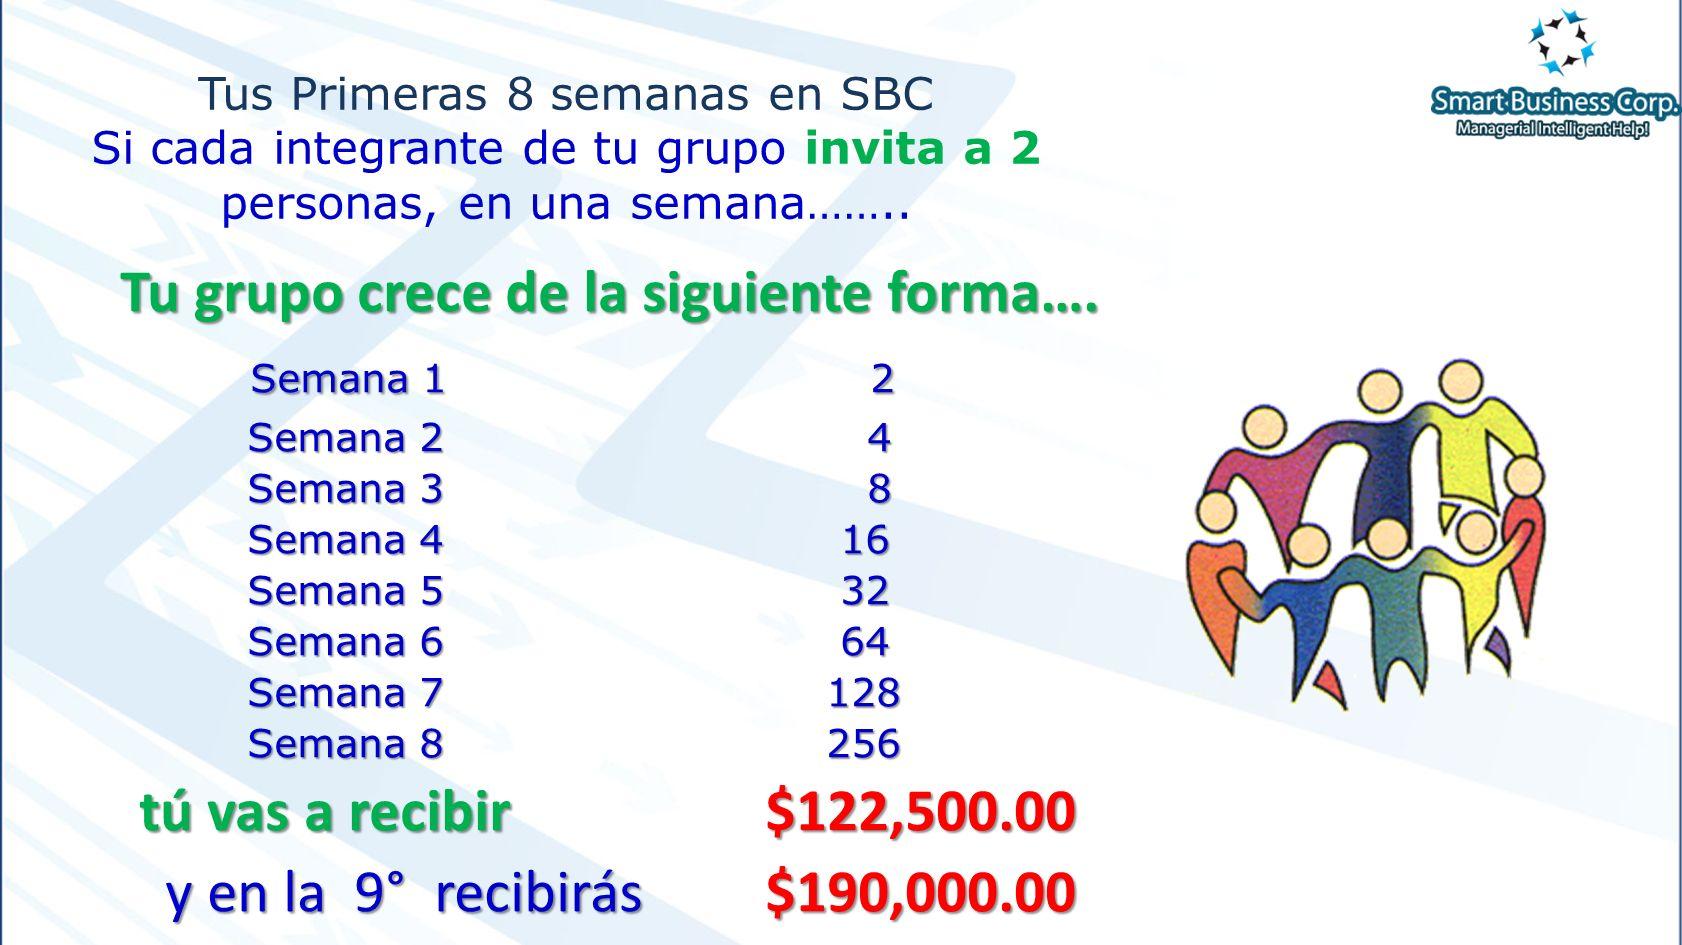 Tus Primeras 8 semanas en SBC Si cada integrante de tu grupo invita a 2 personas, en una semana……..